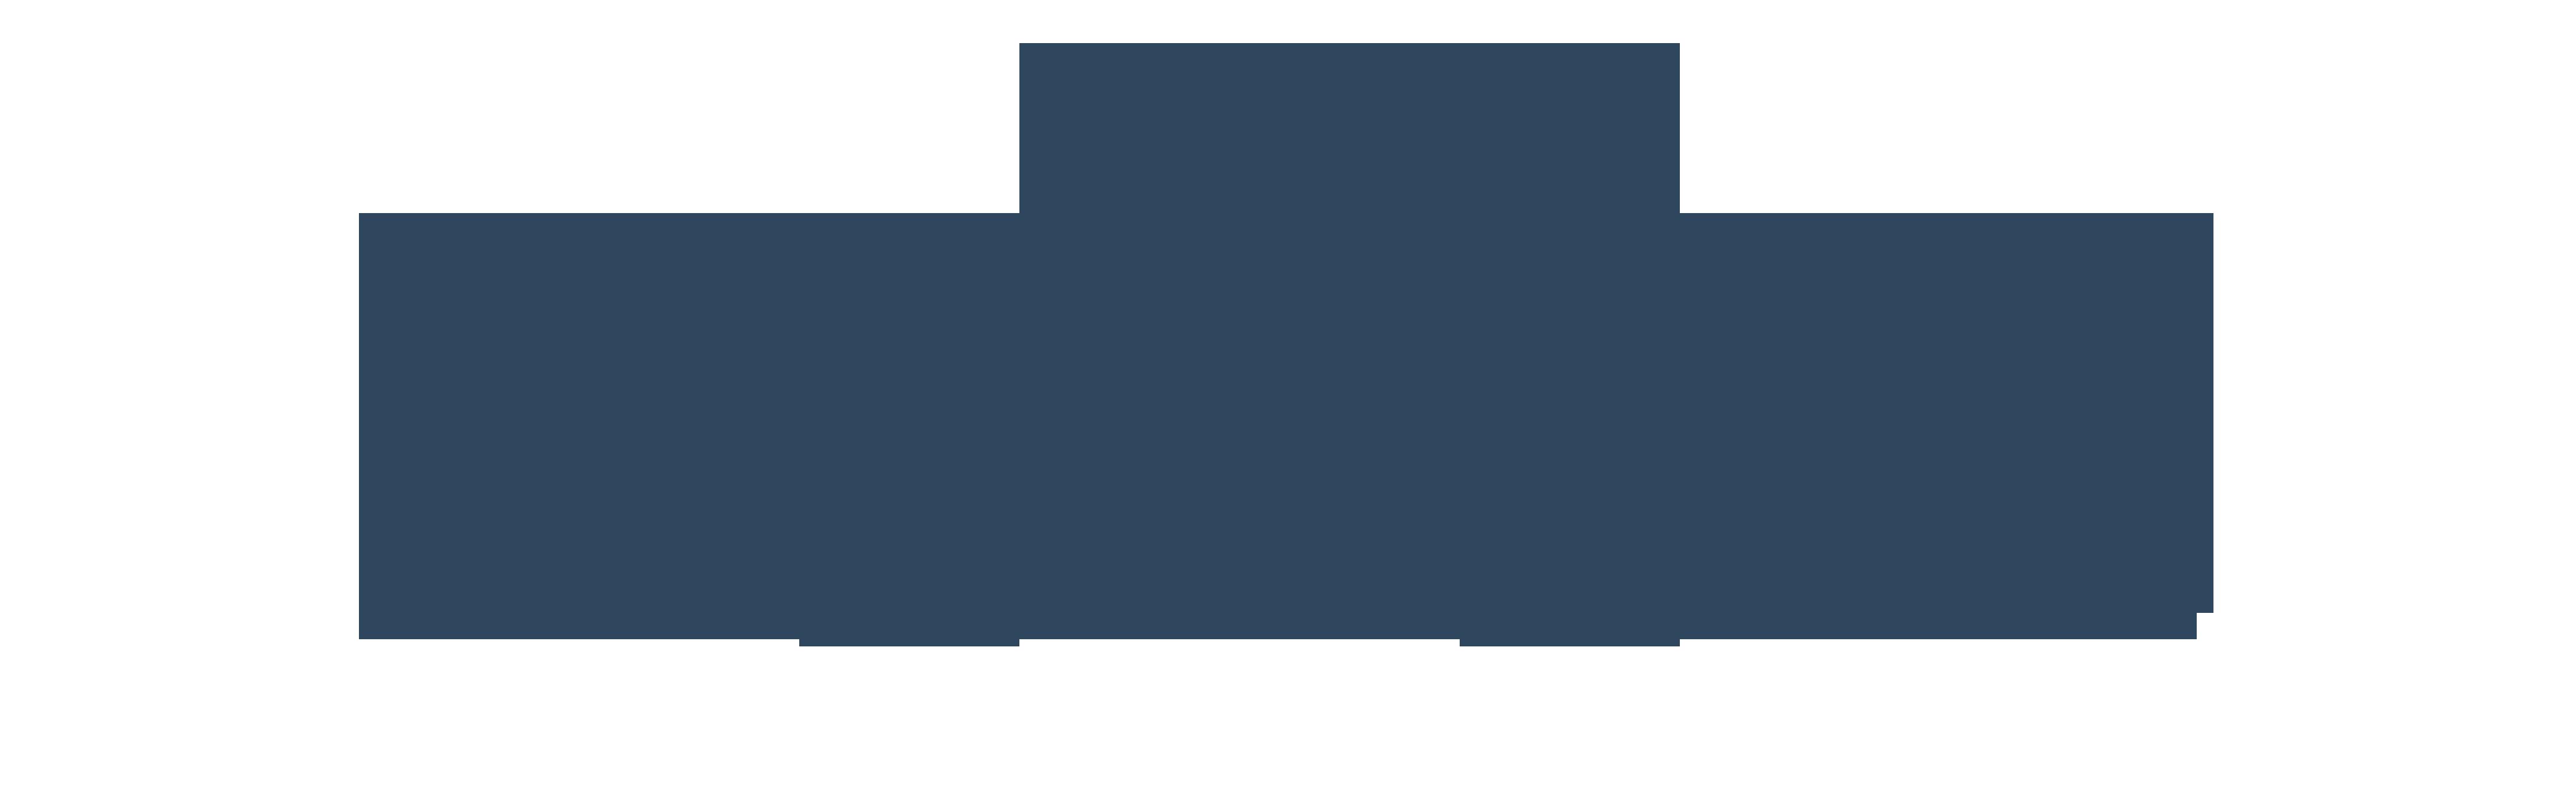 Ralphoto Studio